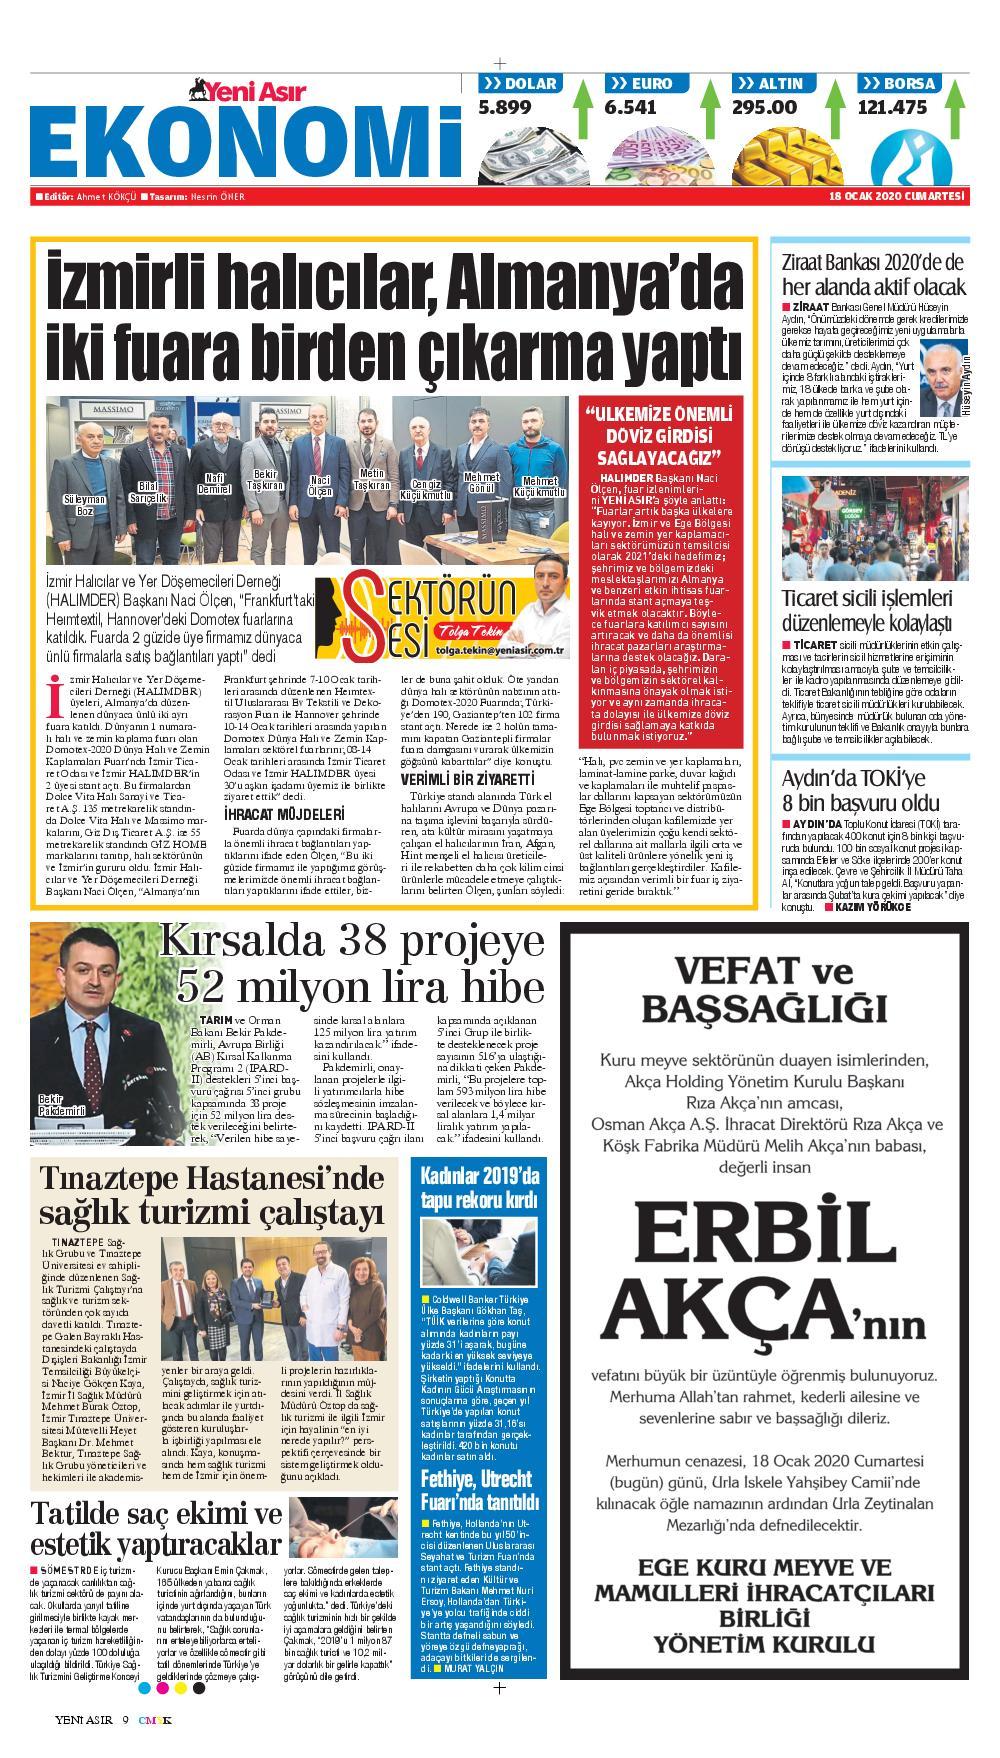 Tınaztepe Hastanesi'nde sağlık turizmi çalıştayı